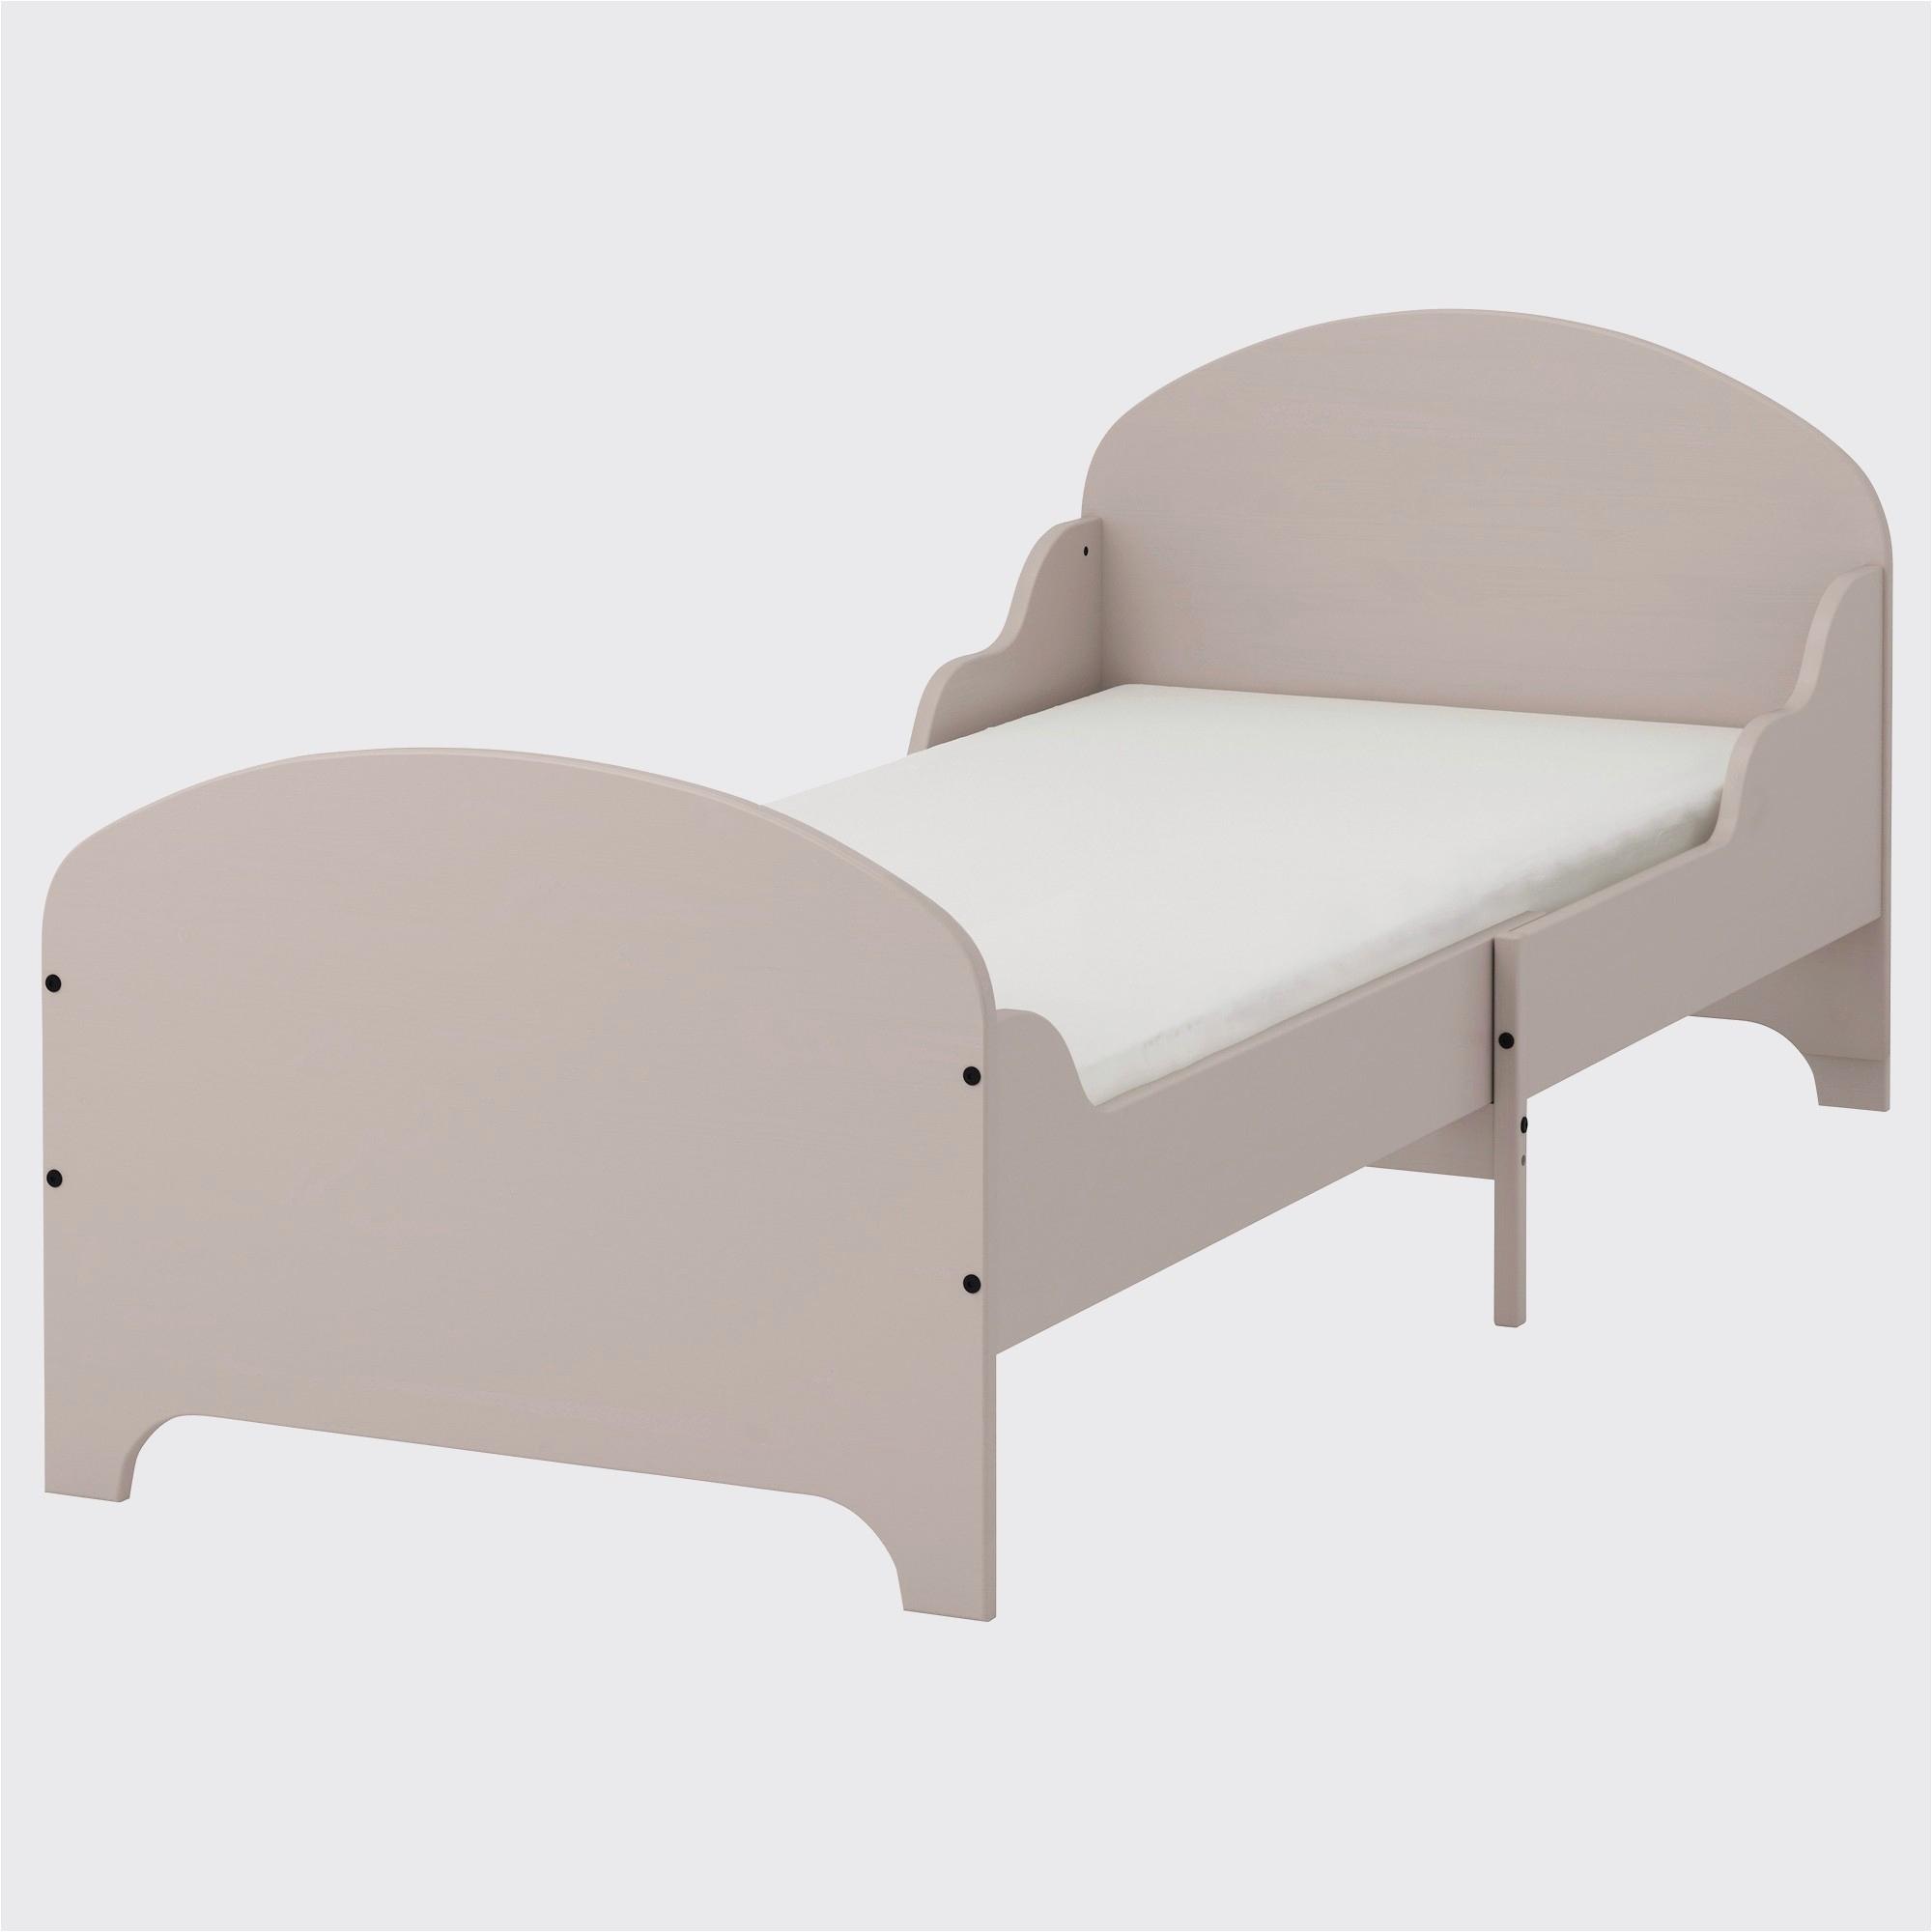 Lit Gigogne 2 Places Conforama Inspirant Stock 34 Meilleur De Image De Banquette Bz Ikea